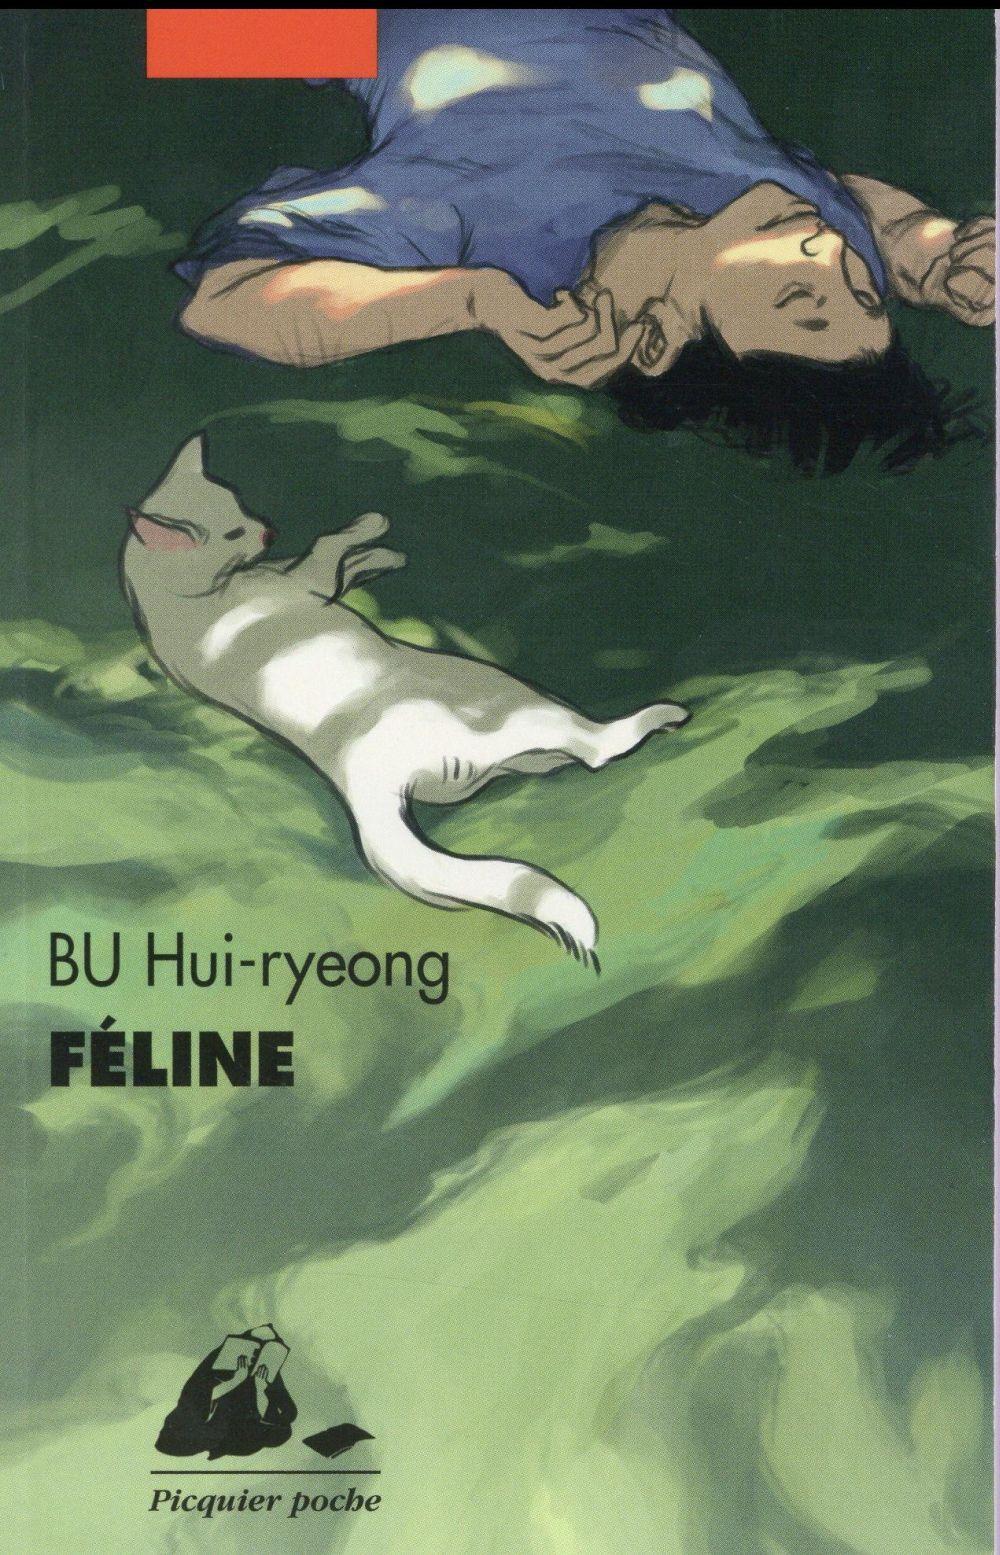 Bu Hui-Ryeong - FELINE